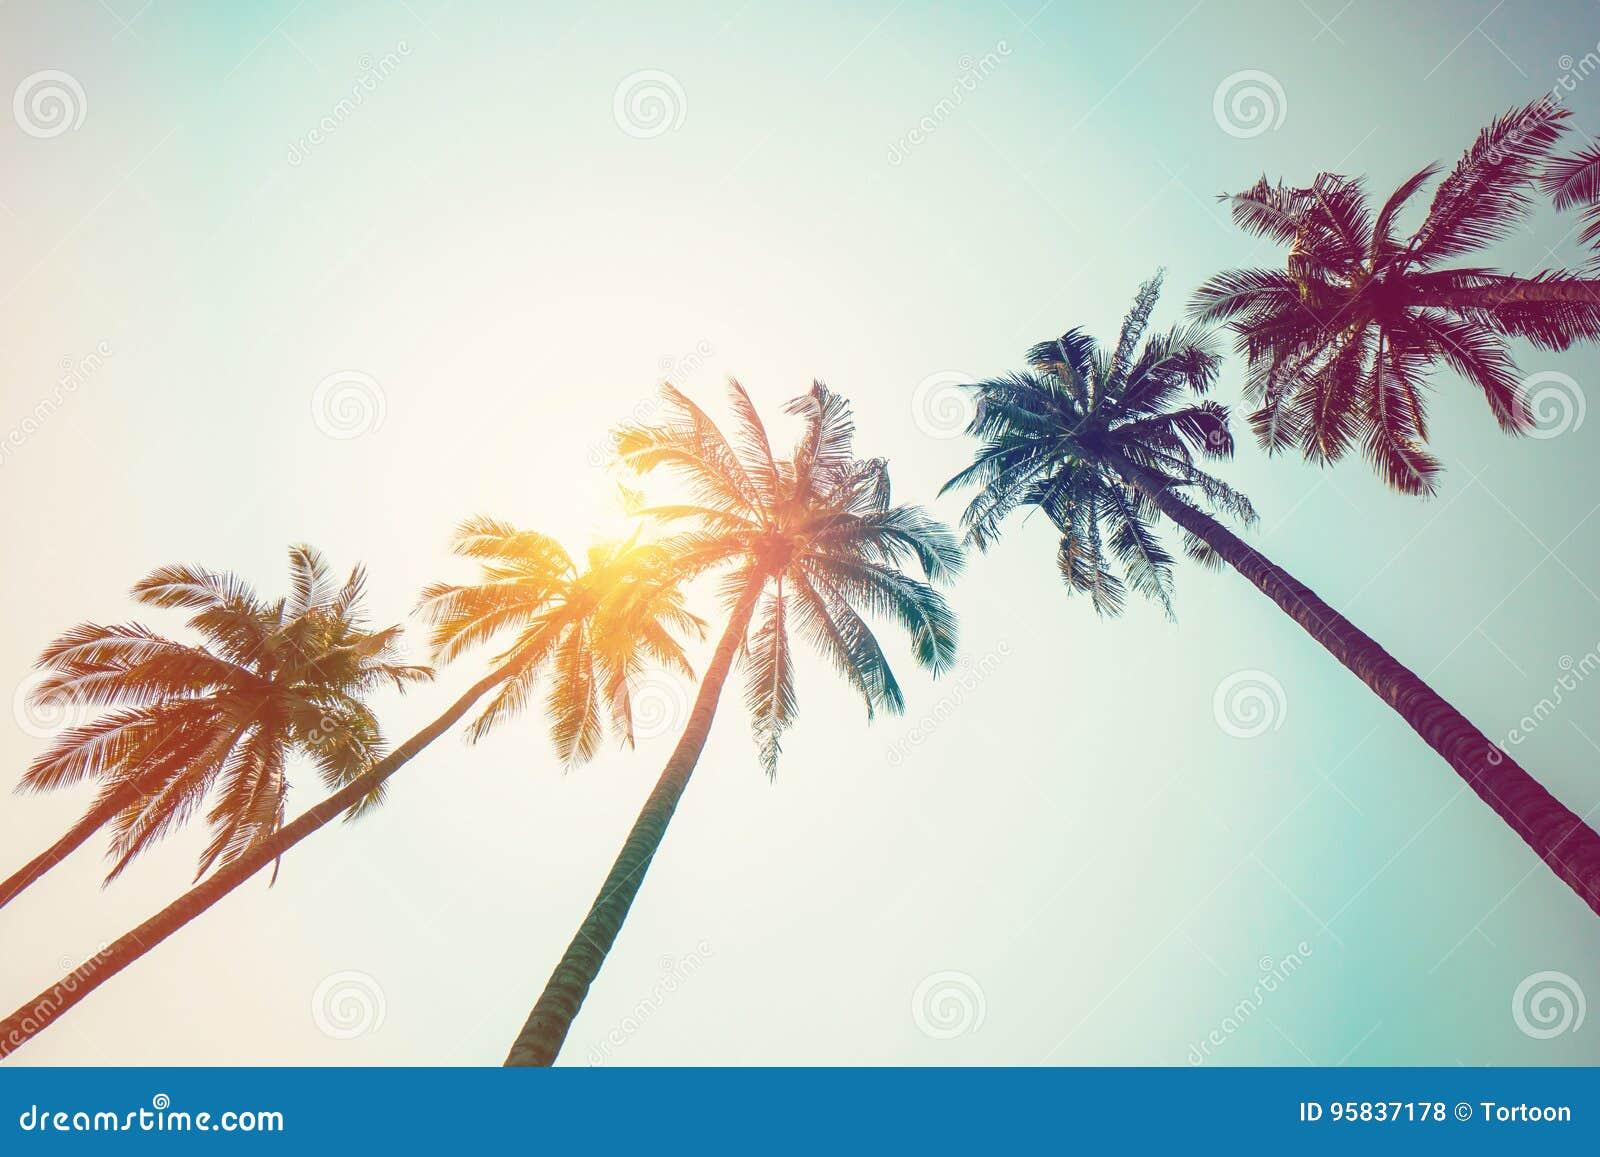 KokosnussPalme auf Strand und Sonnenlicht mit Weinlese tonte Effekt